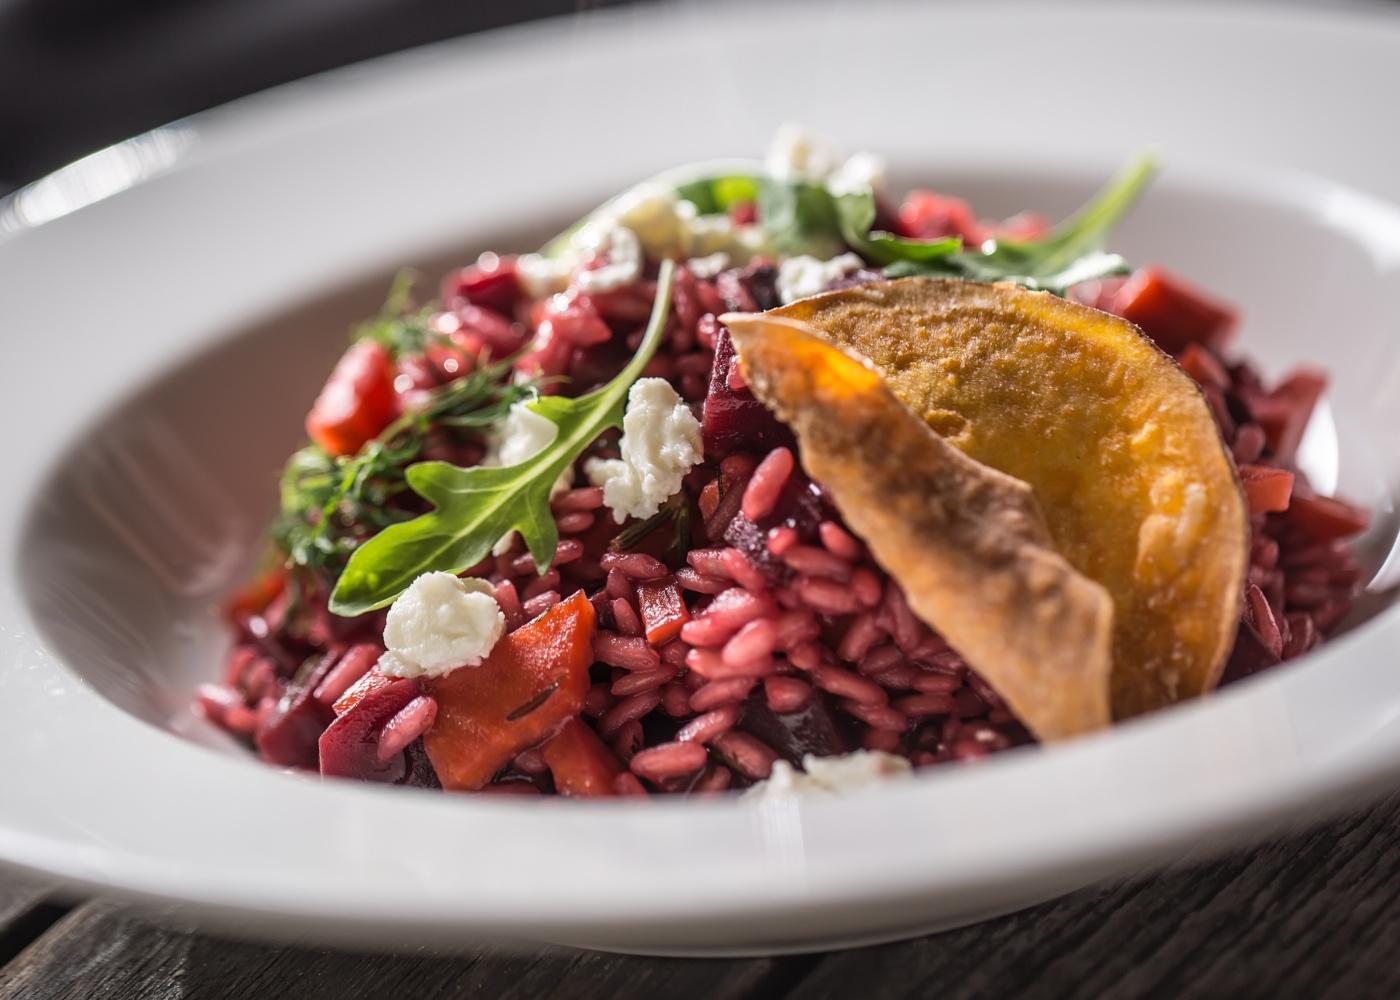 Receitas vegan: risotto de beterraba e trigo